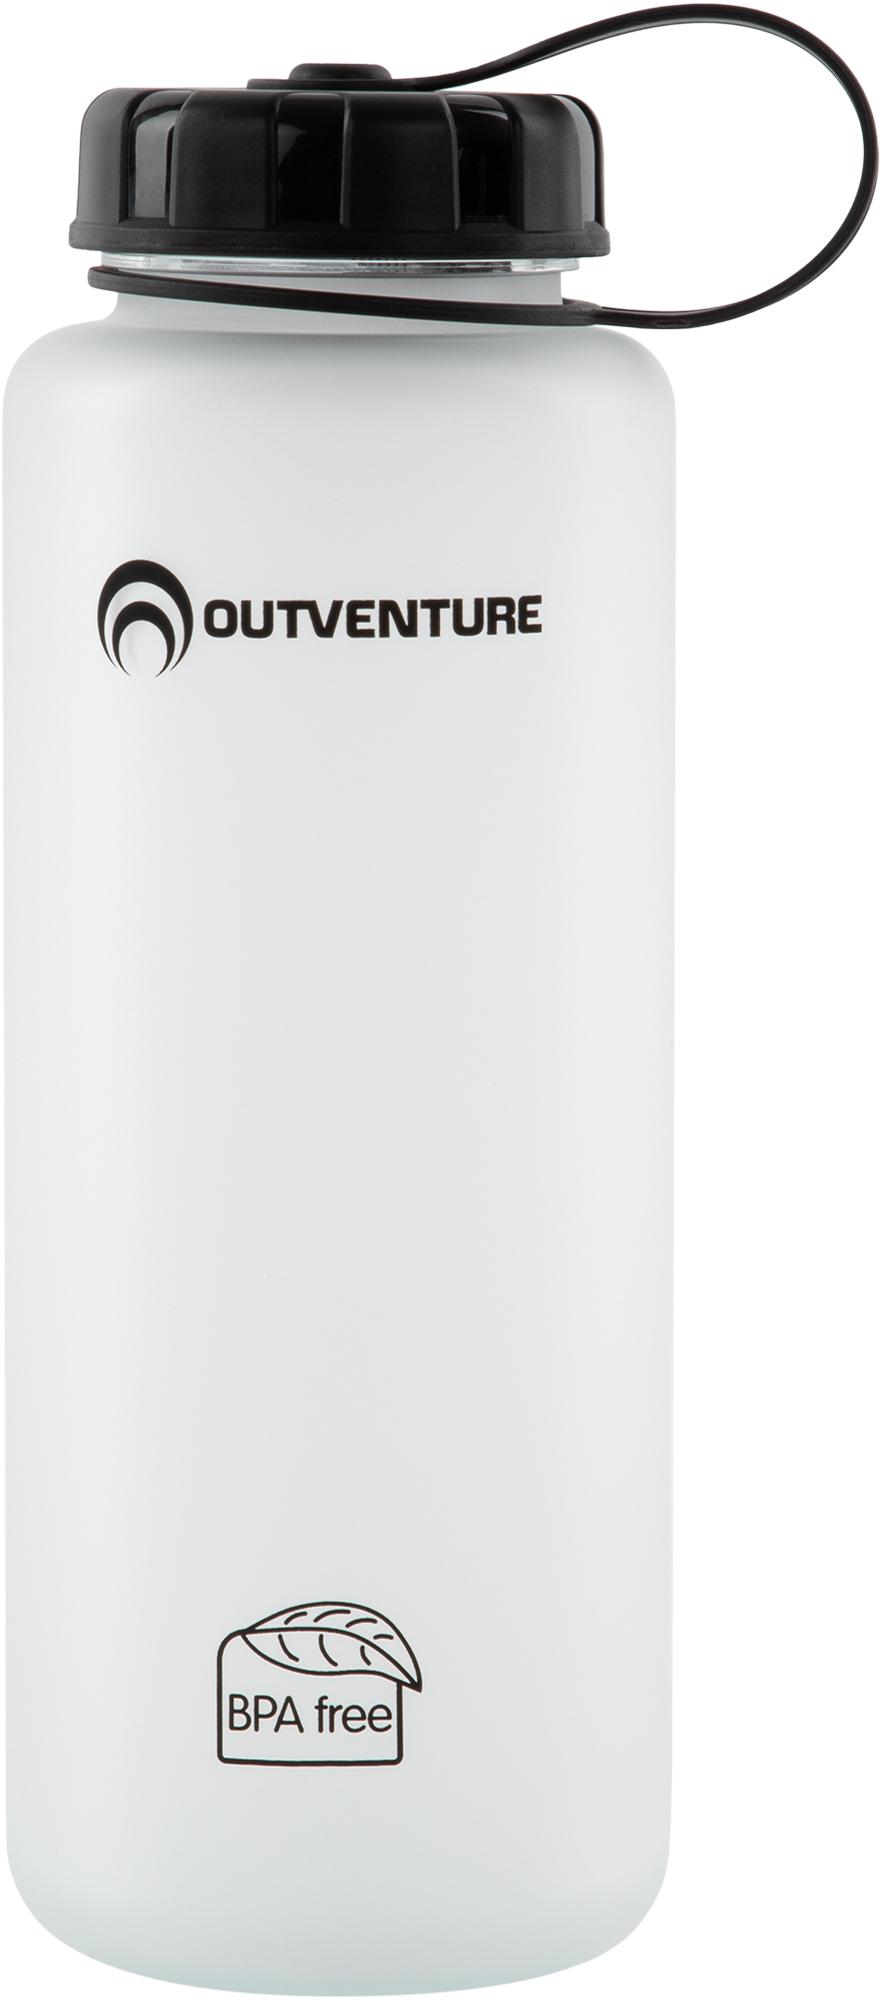 Outventure Фляжка Outventure 1 л термос outventure цвет серебристый 1 8 л